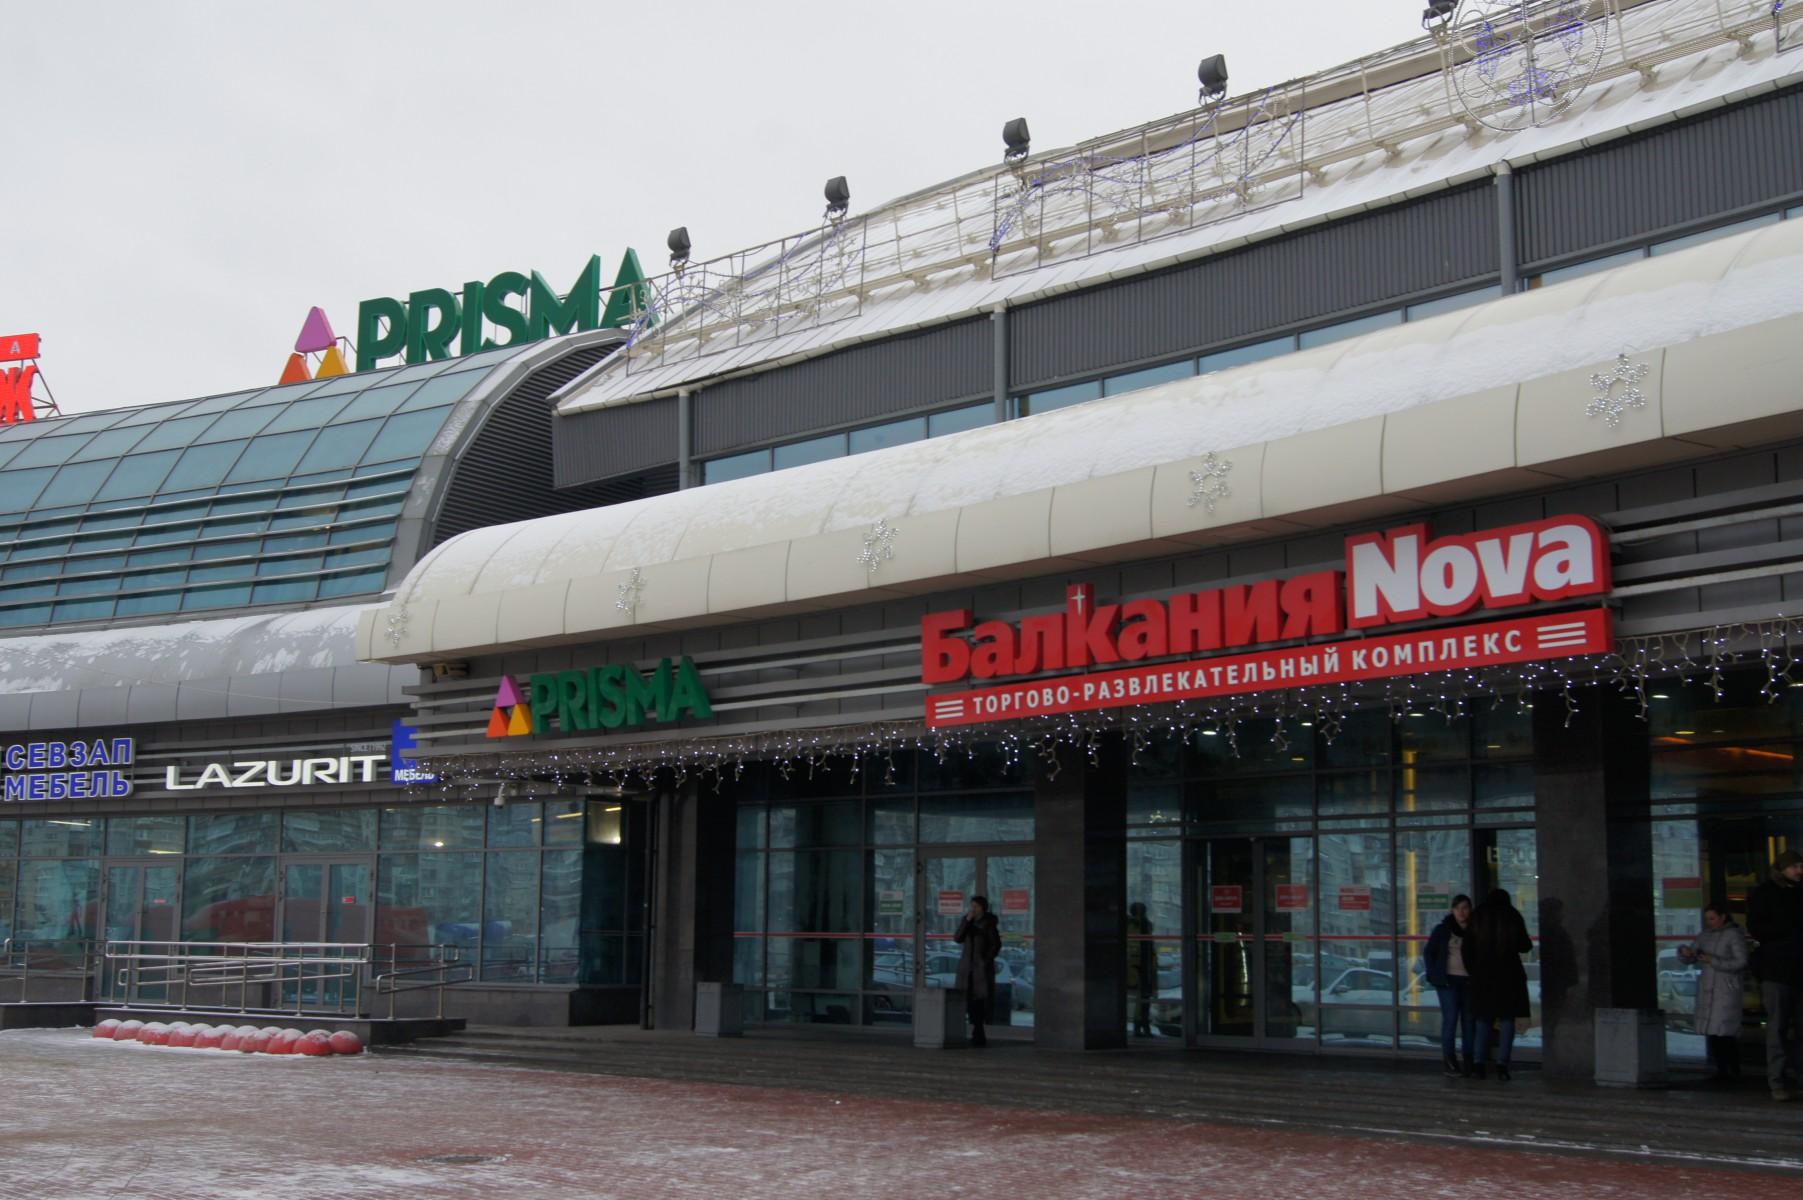 Адамант-строй, «Призма» в здании «Балкания NOVA», 1092